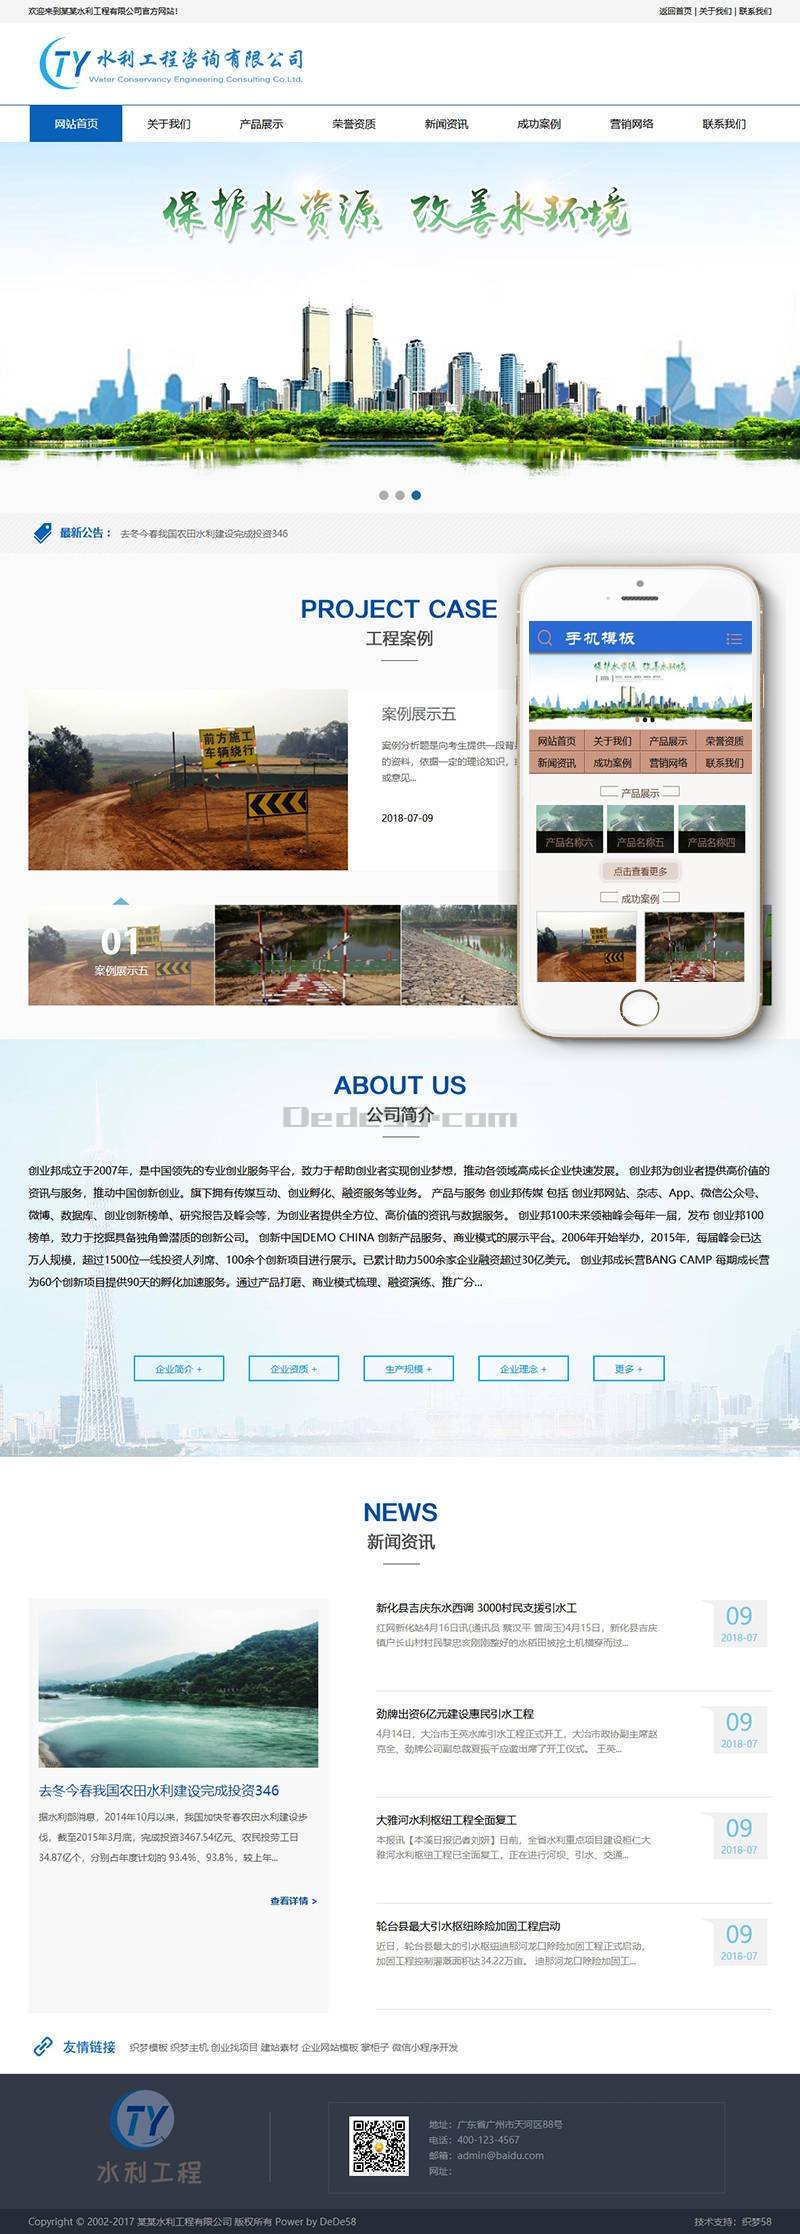 【长沙SEO企业建站】水利工程施工设计网站首页